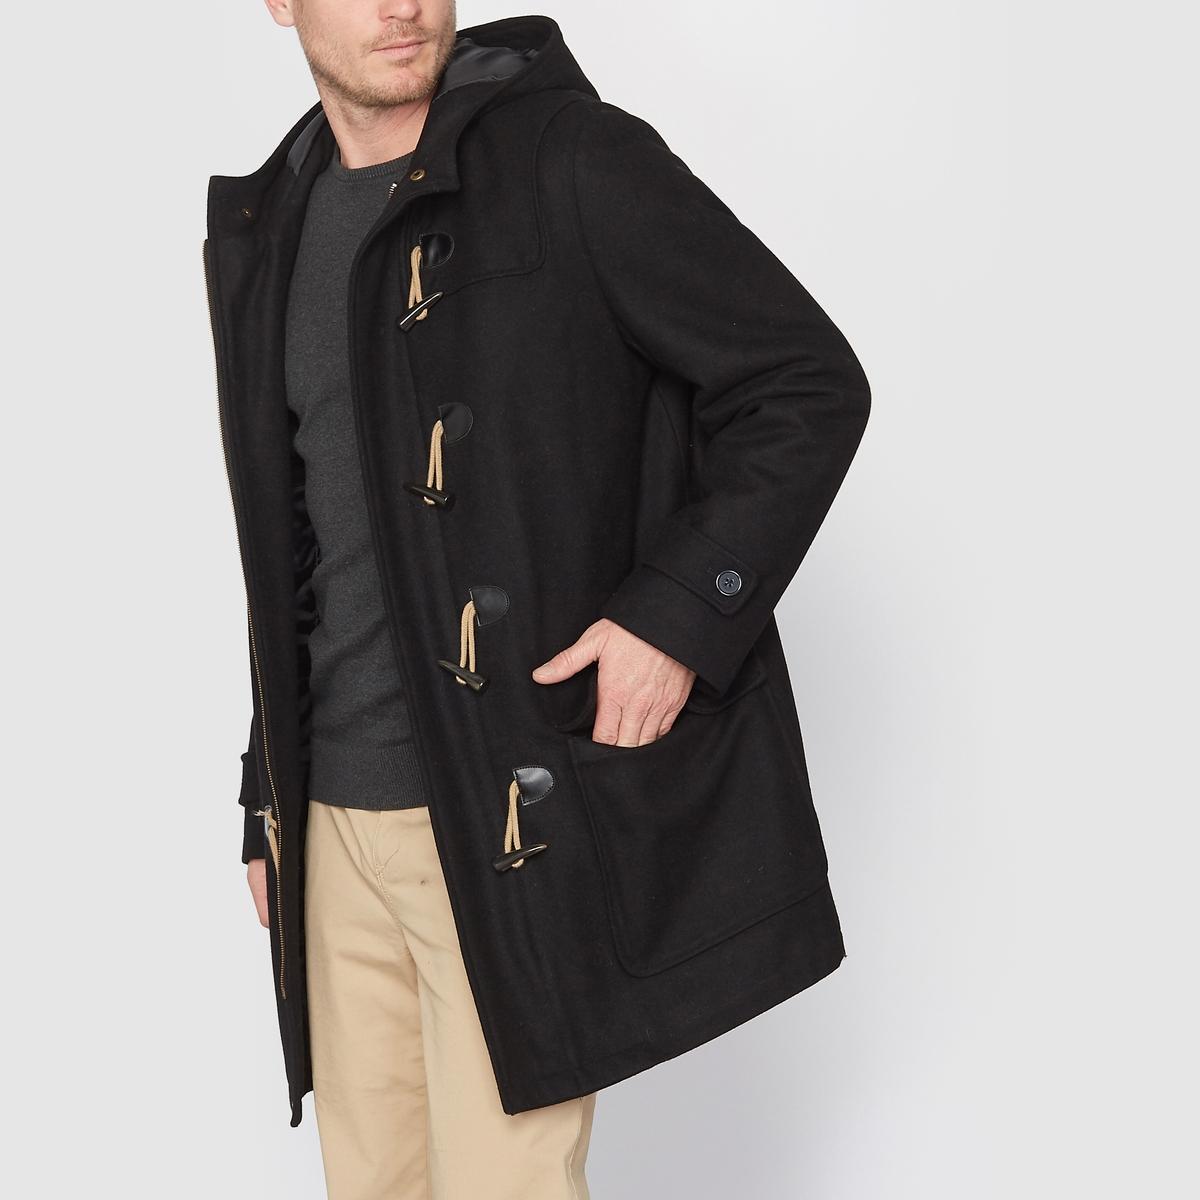 Короткое пальто из шерстяного драпаЗастежка на молнию, застежки-петли из шнура, пуговицы с имитацией шнура. 2 накладных кармана. 2 внутренних кармана. Планка с пуговицей на манжетах.<br><br>Цвет: черный<br>Размер: 74/76